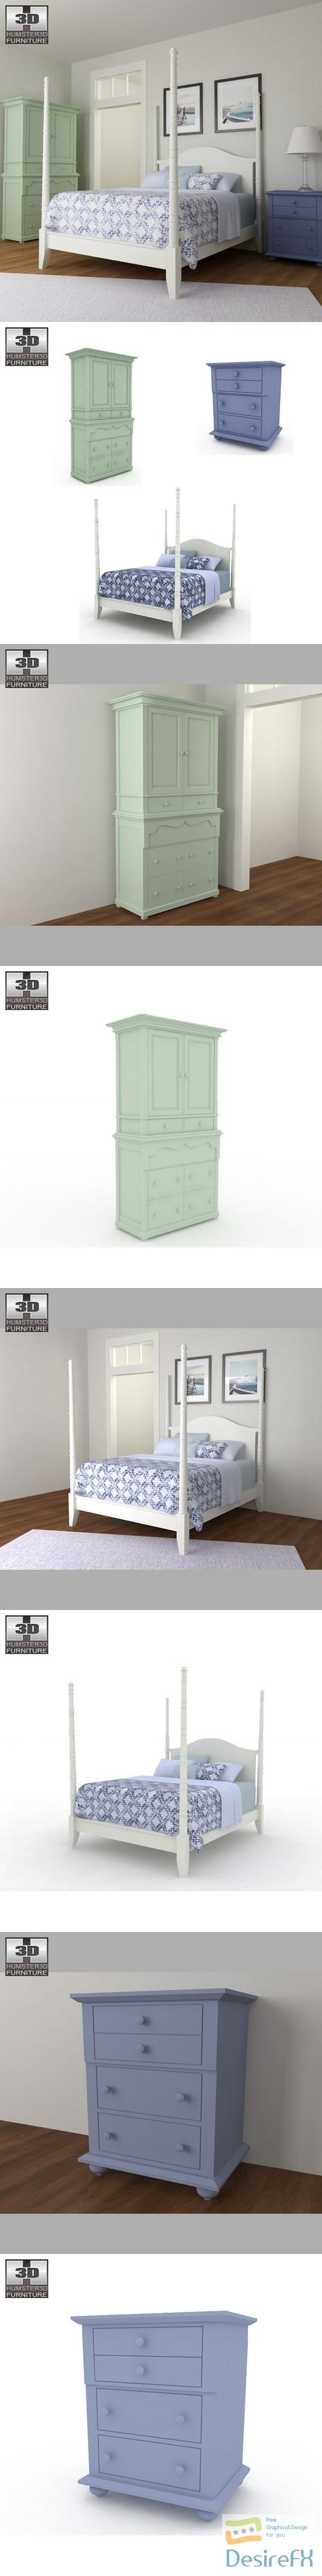 Bedroom Furniture 15 Set 3D Model